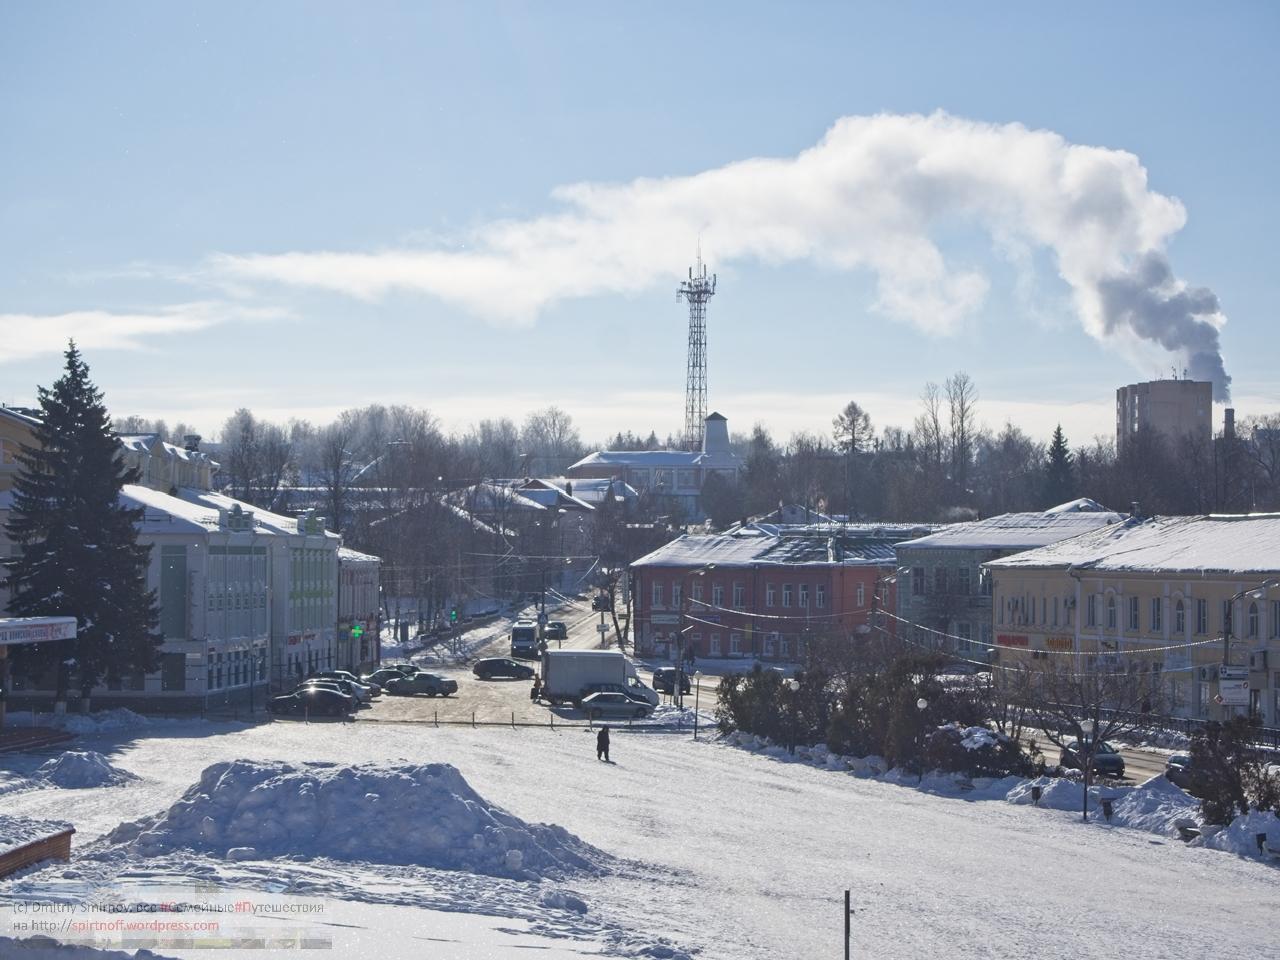 Путешествия  Волоколамск. Февраль, снег, мороз и солнце!